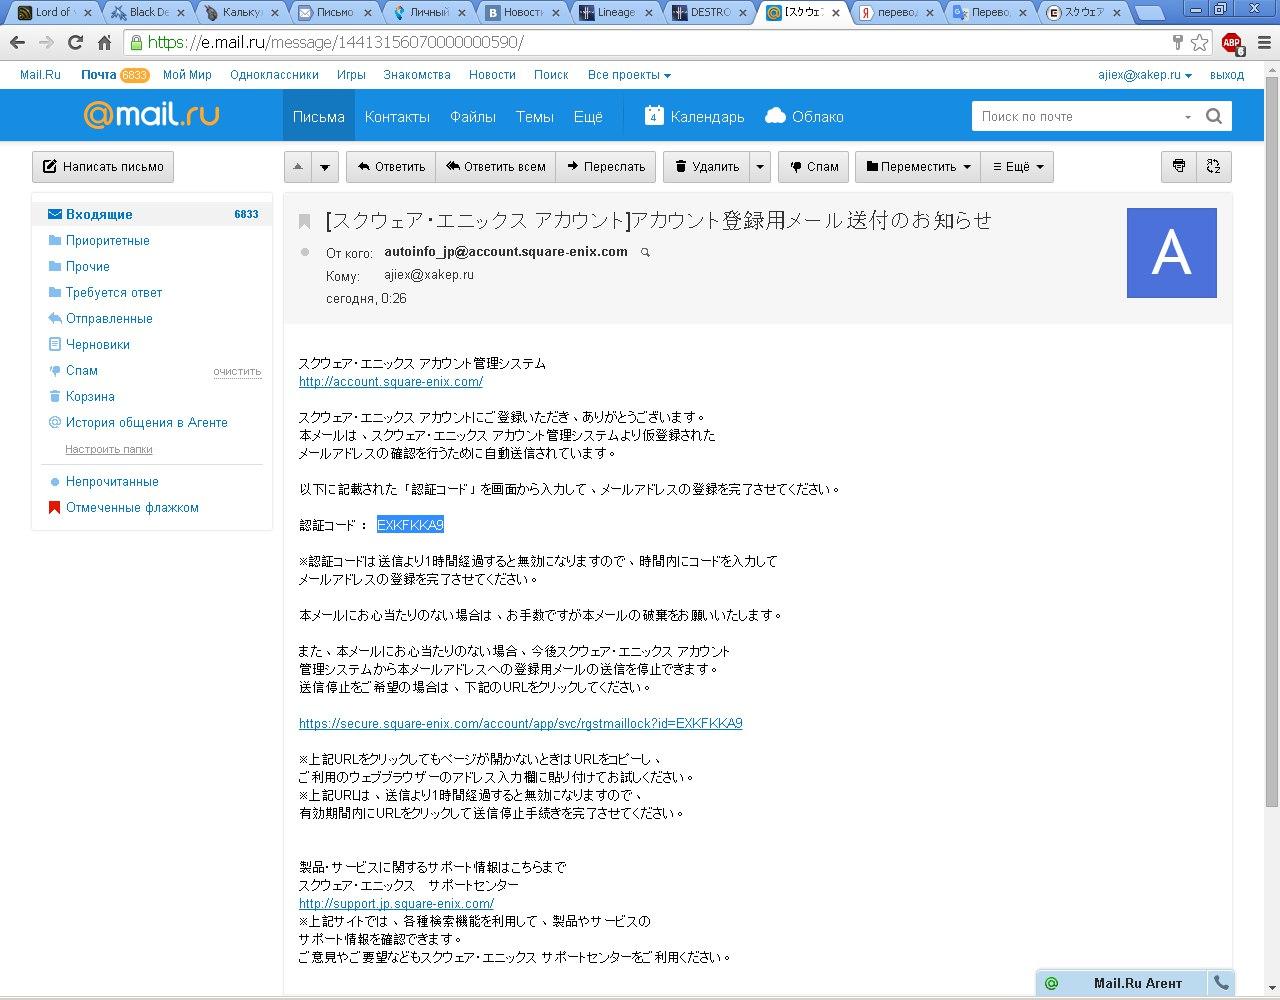 WqUhyfaActc.jpg